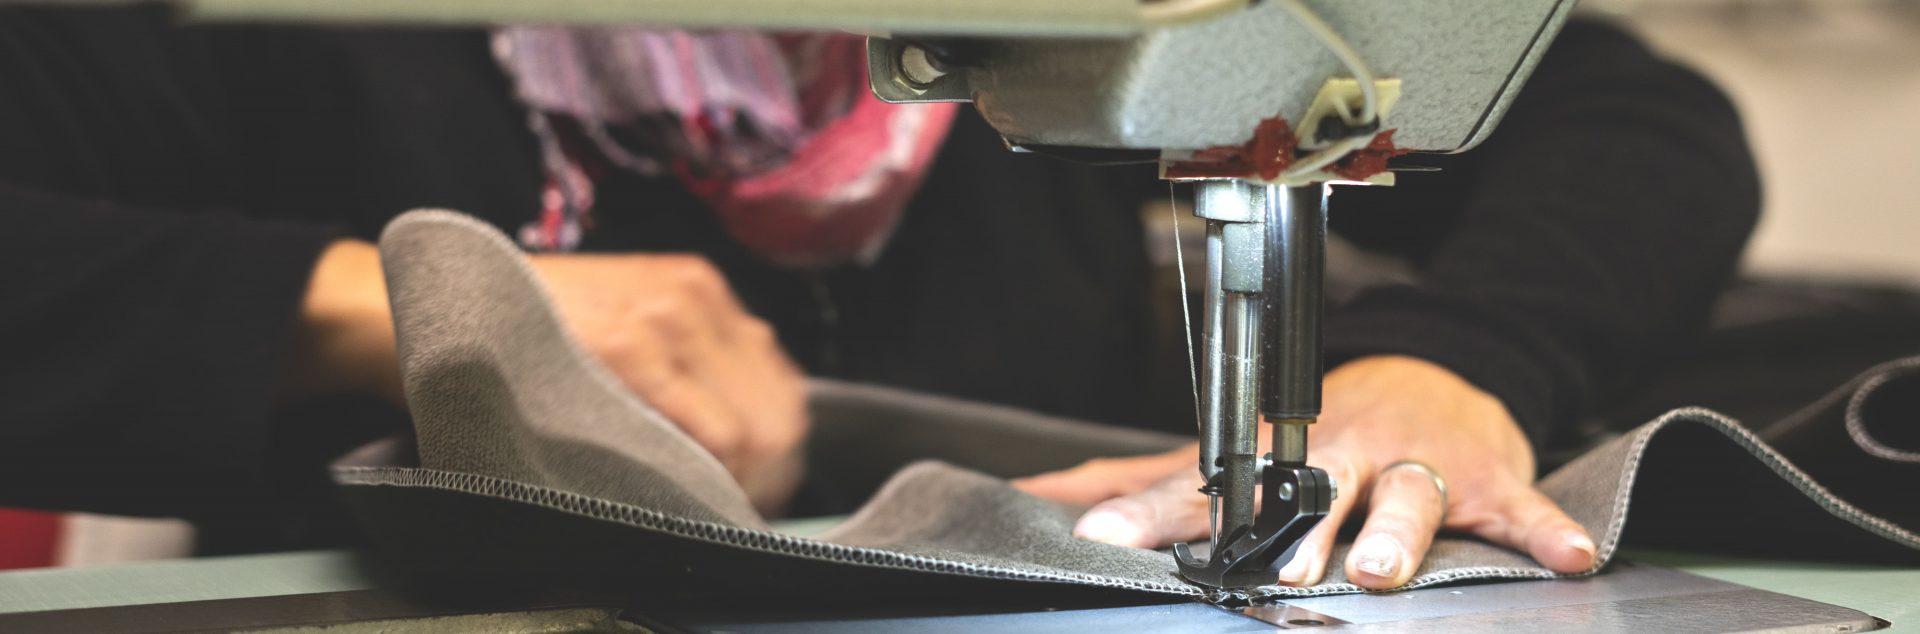 brenna salotti laboratorio divani artigianali fatti a mano